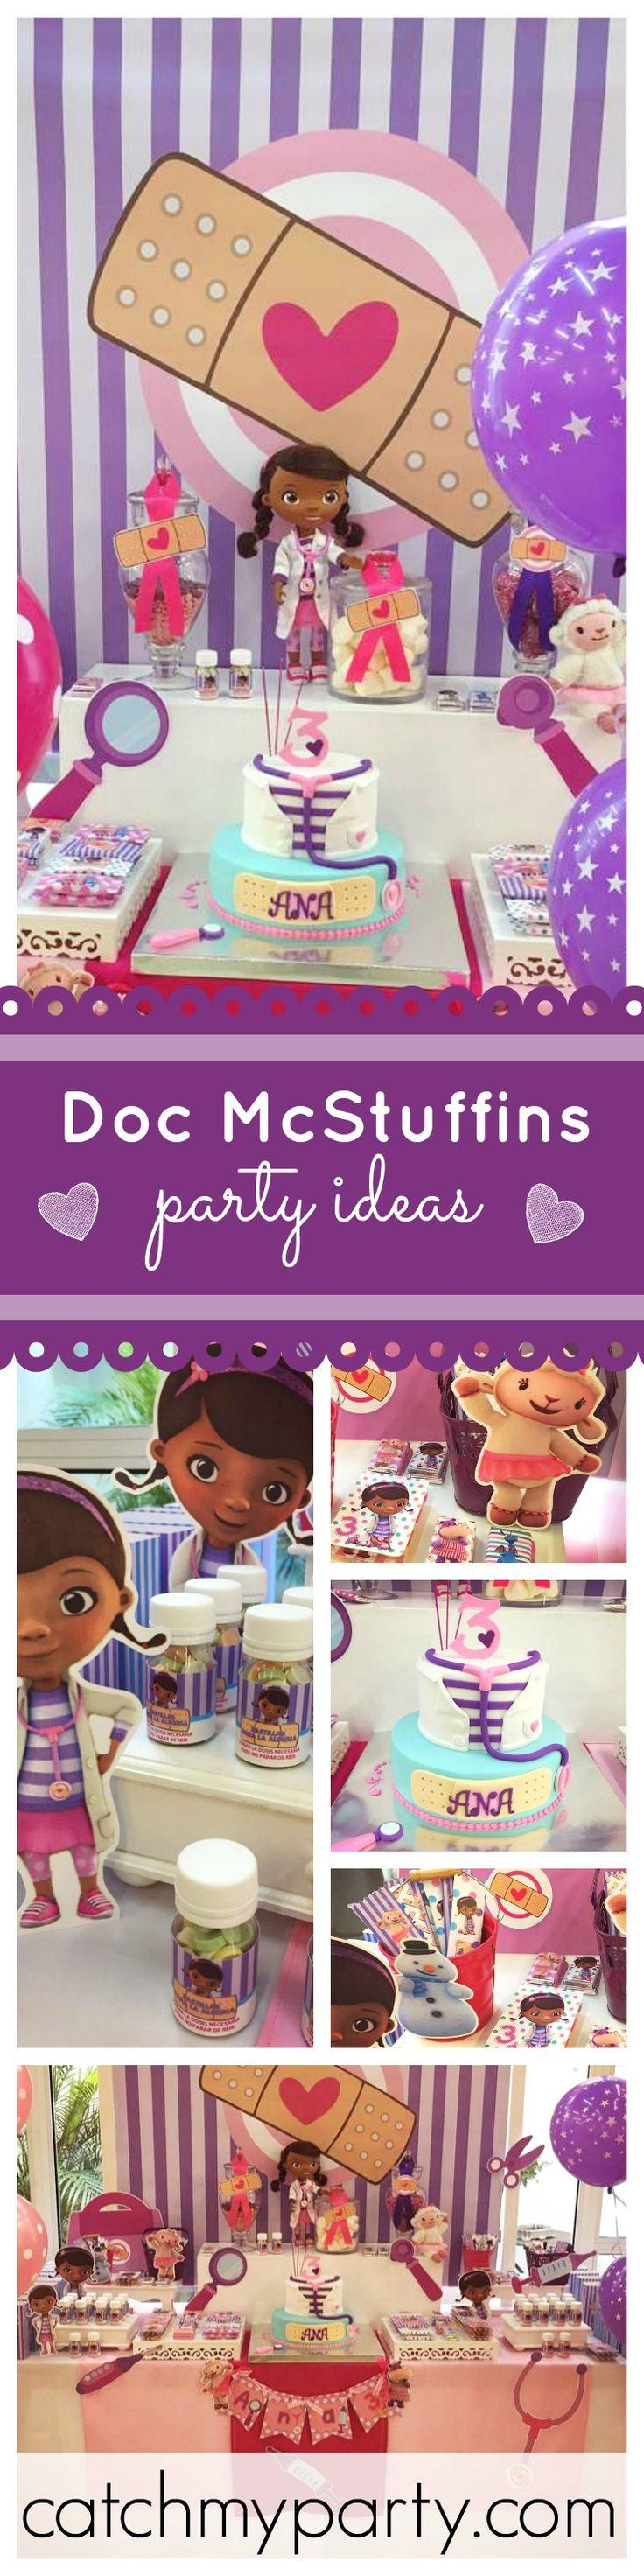 224 Best Doc Mcstuffins Kiddies Party Images On Pinterest Doc Mcs